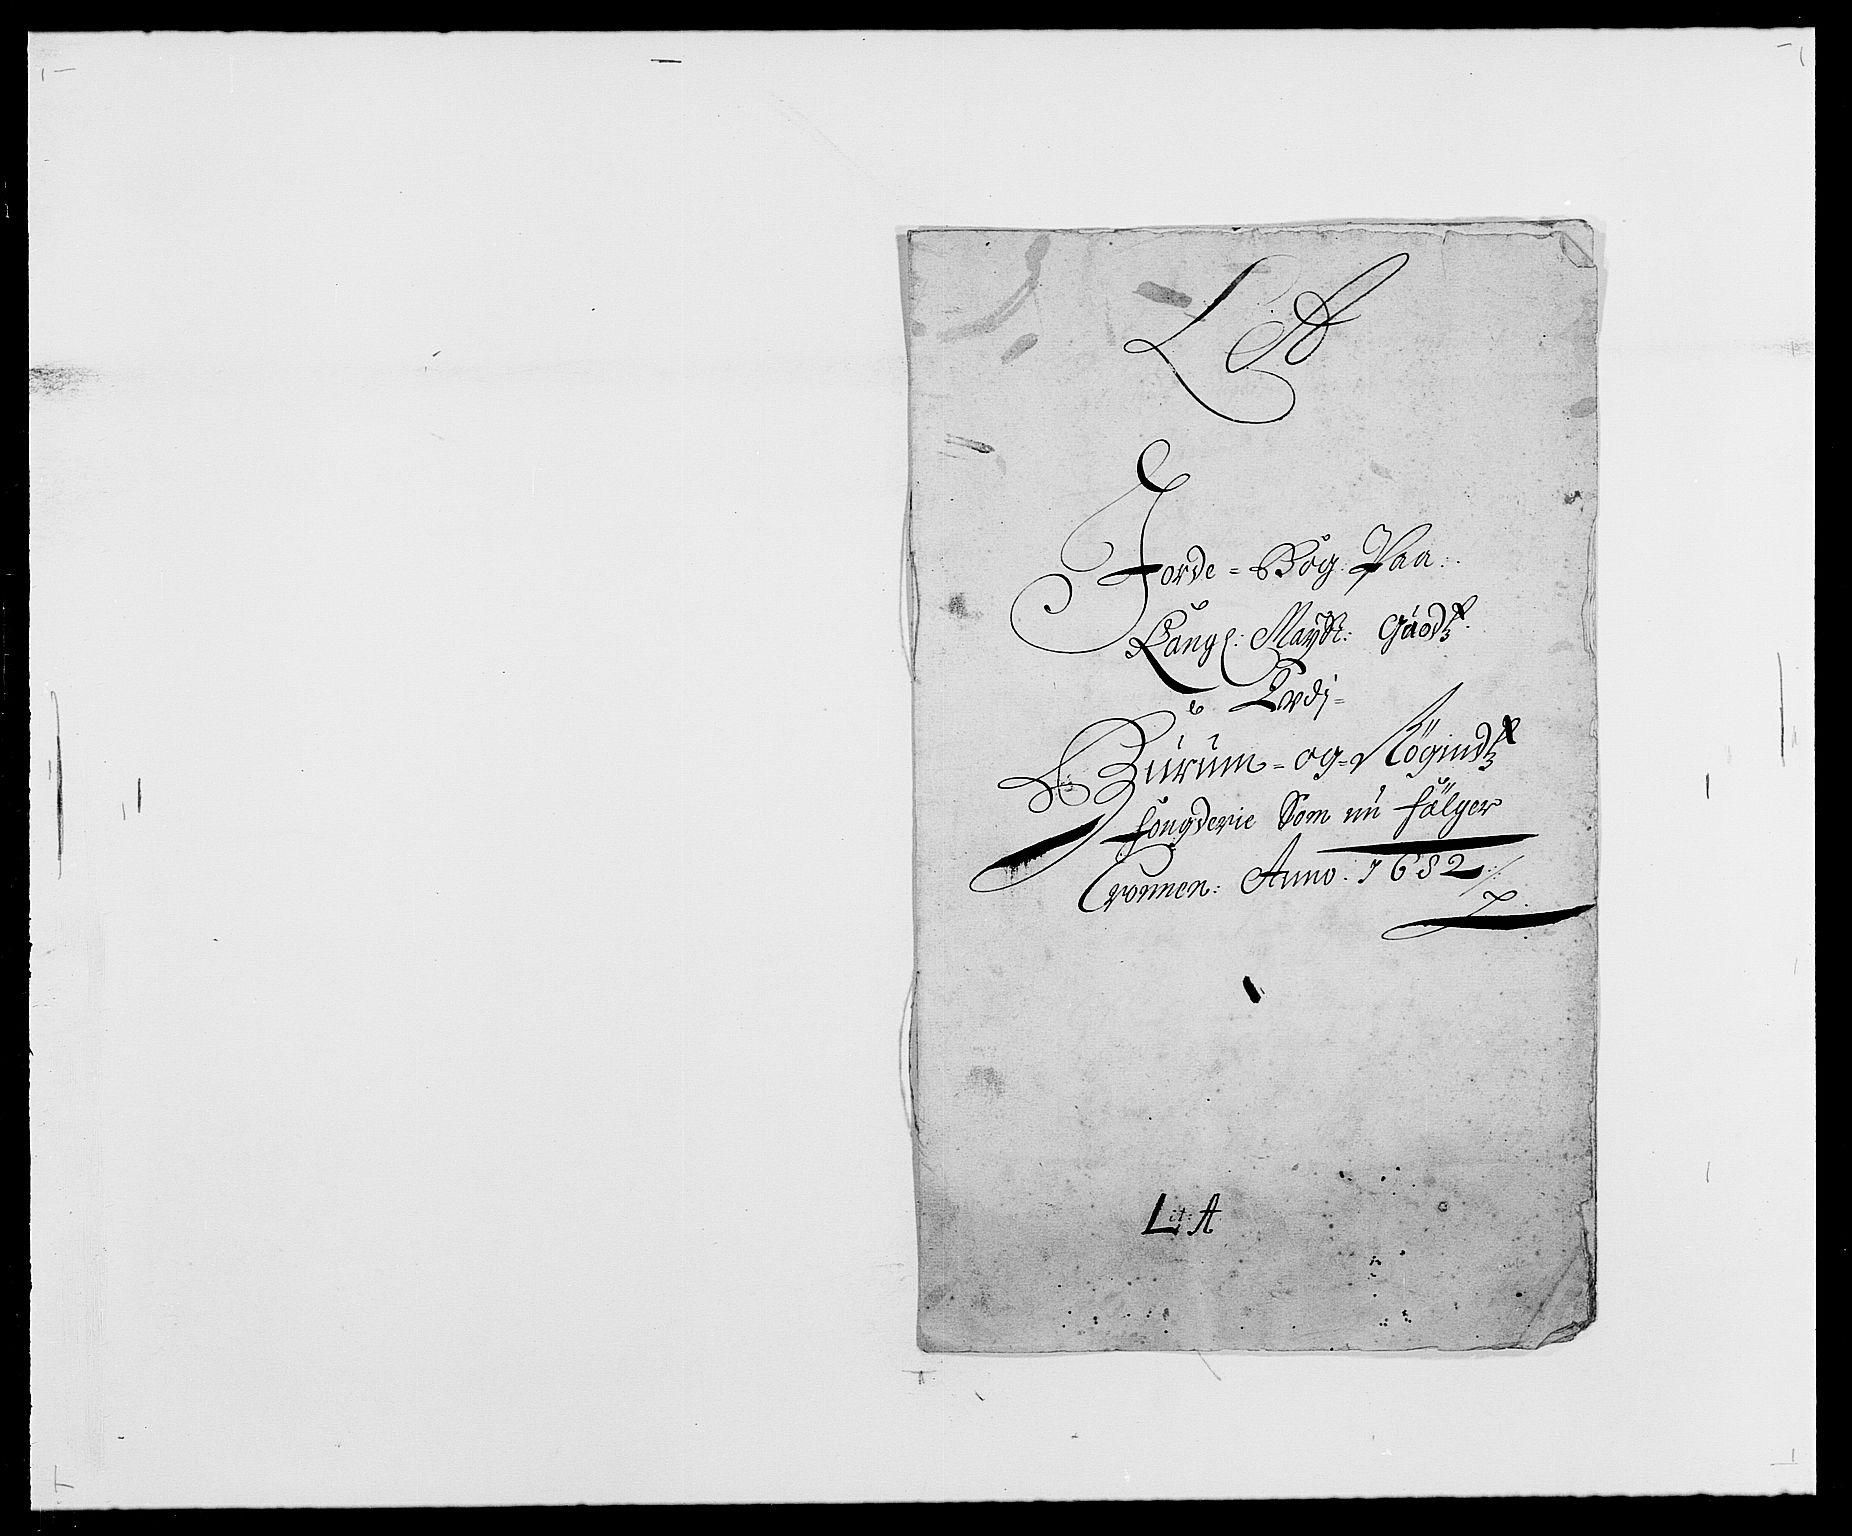 RA, Rentekammeret inntil 1814, Reviderte regnskaper, Fogderegnskap, R29/L1692: Fogderegnskap Hurum og Røyken, 1682-1687, s. 30